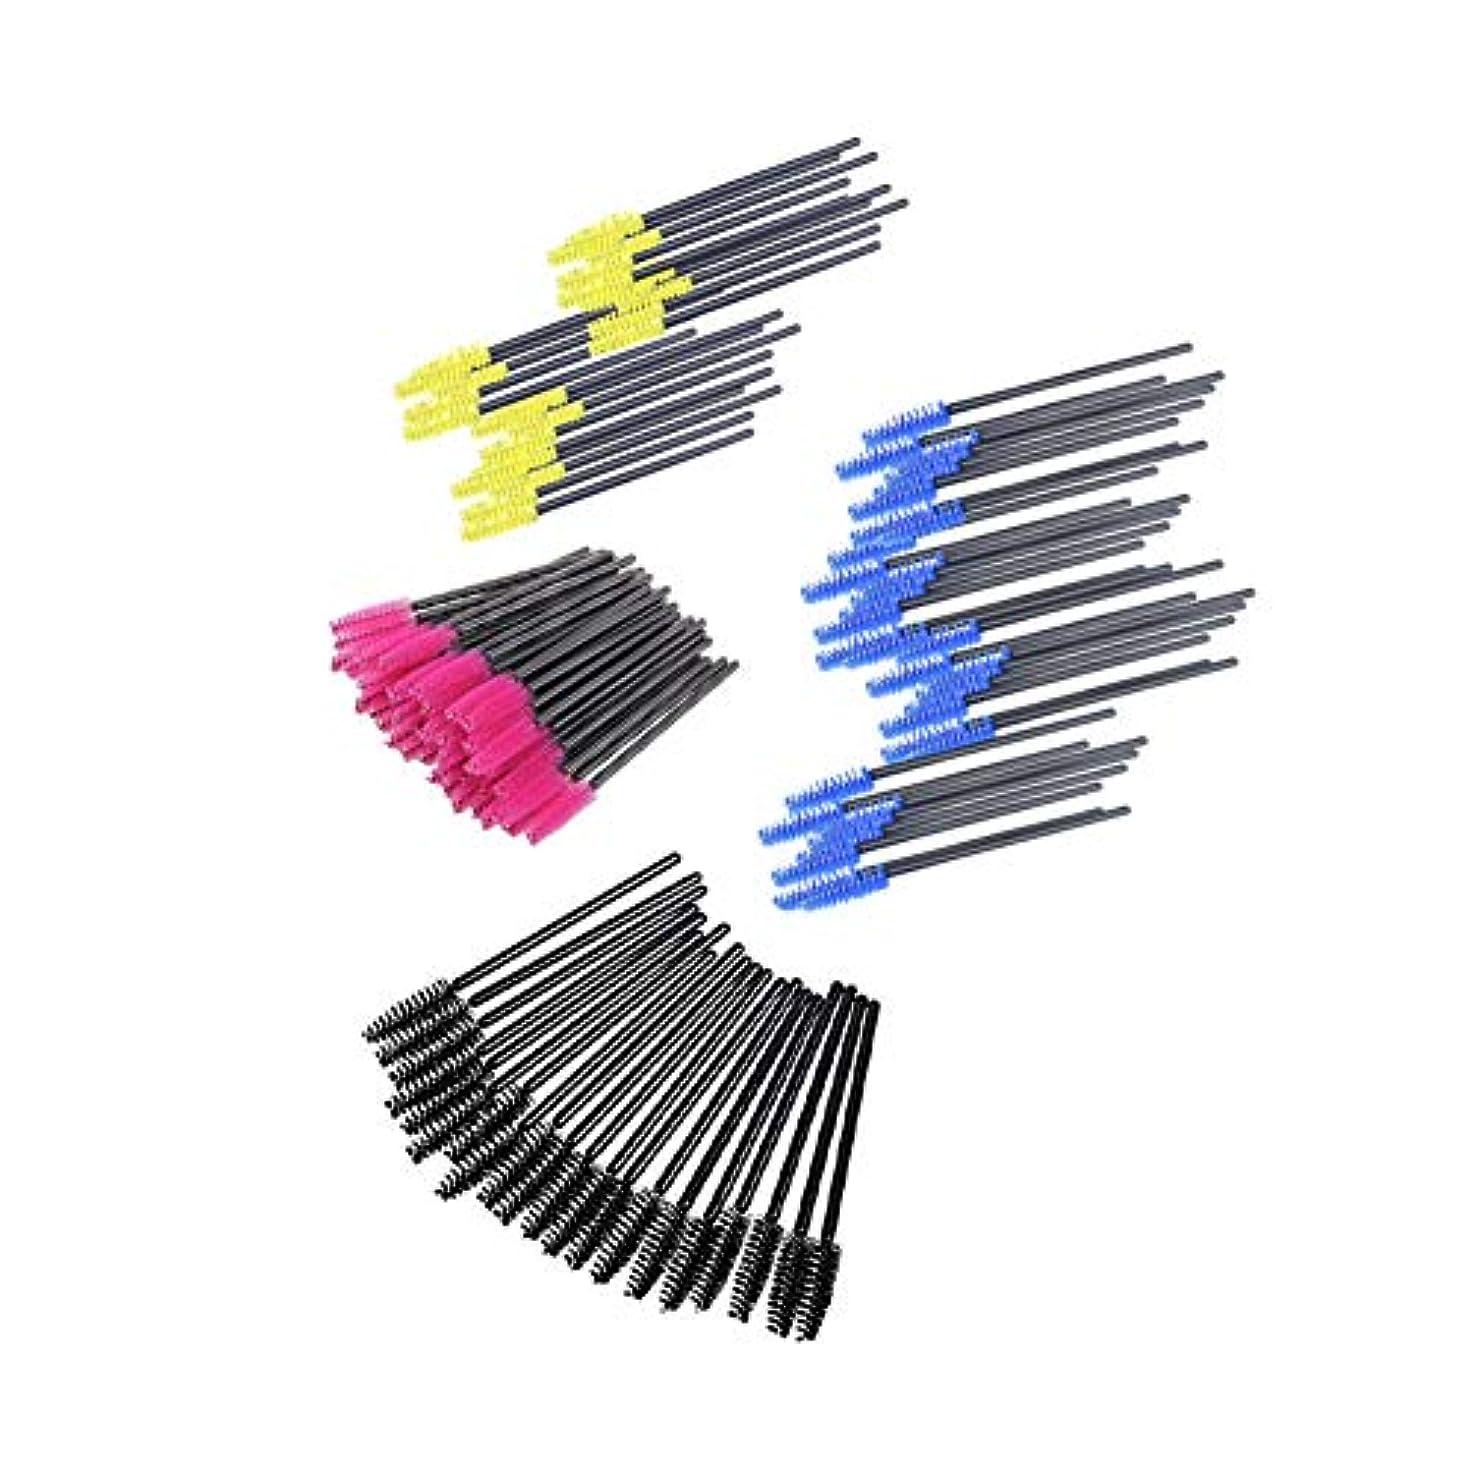 プレミアム受け入れた年次200使い捨てまつげマスカラブラシカラー化粧品アプリケーターのまつげ化粧修復トークン黄/黒/赤/青のバラ